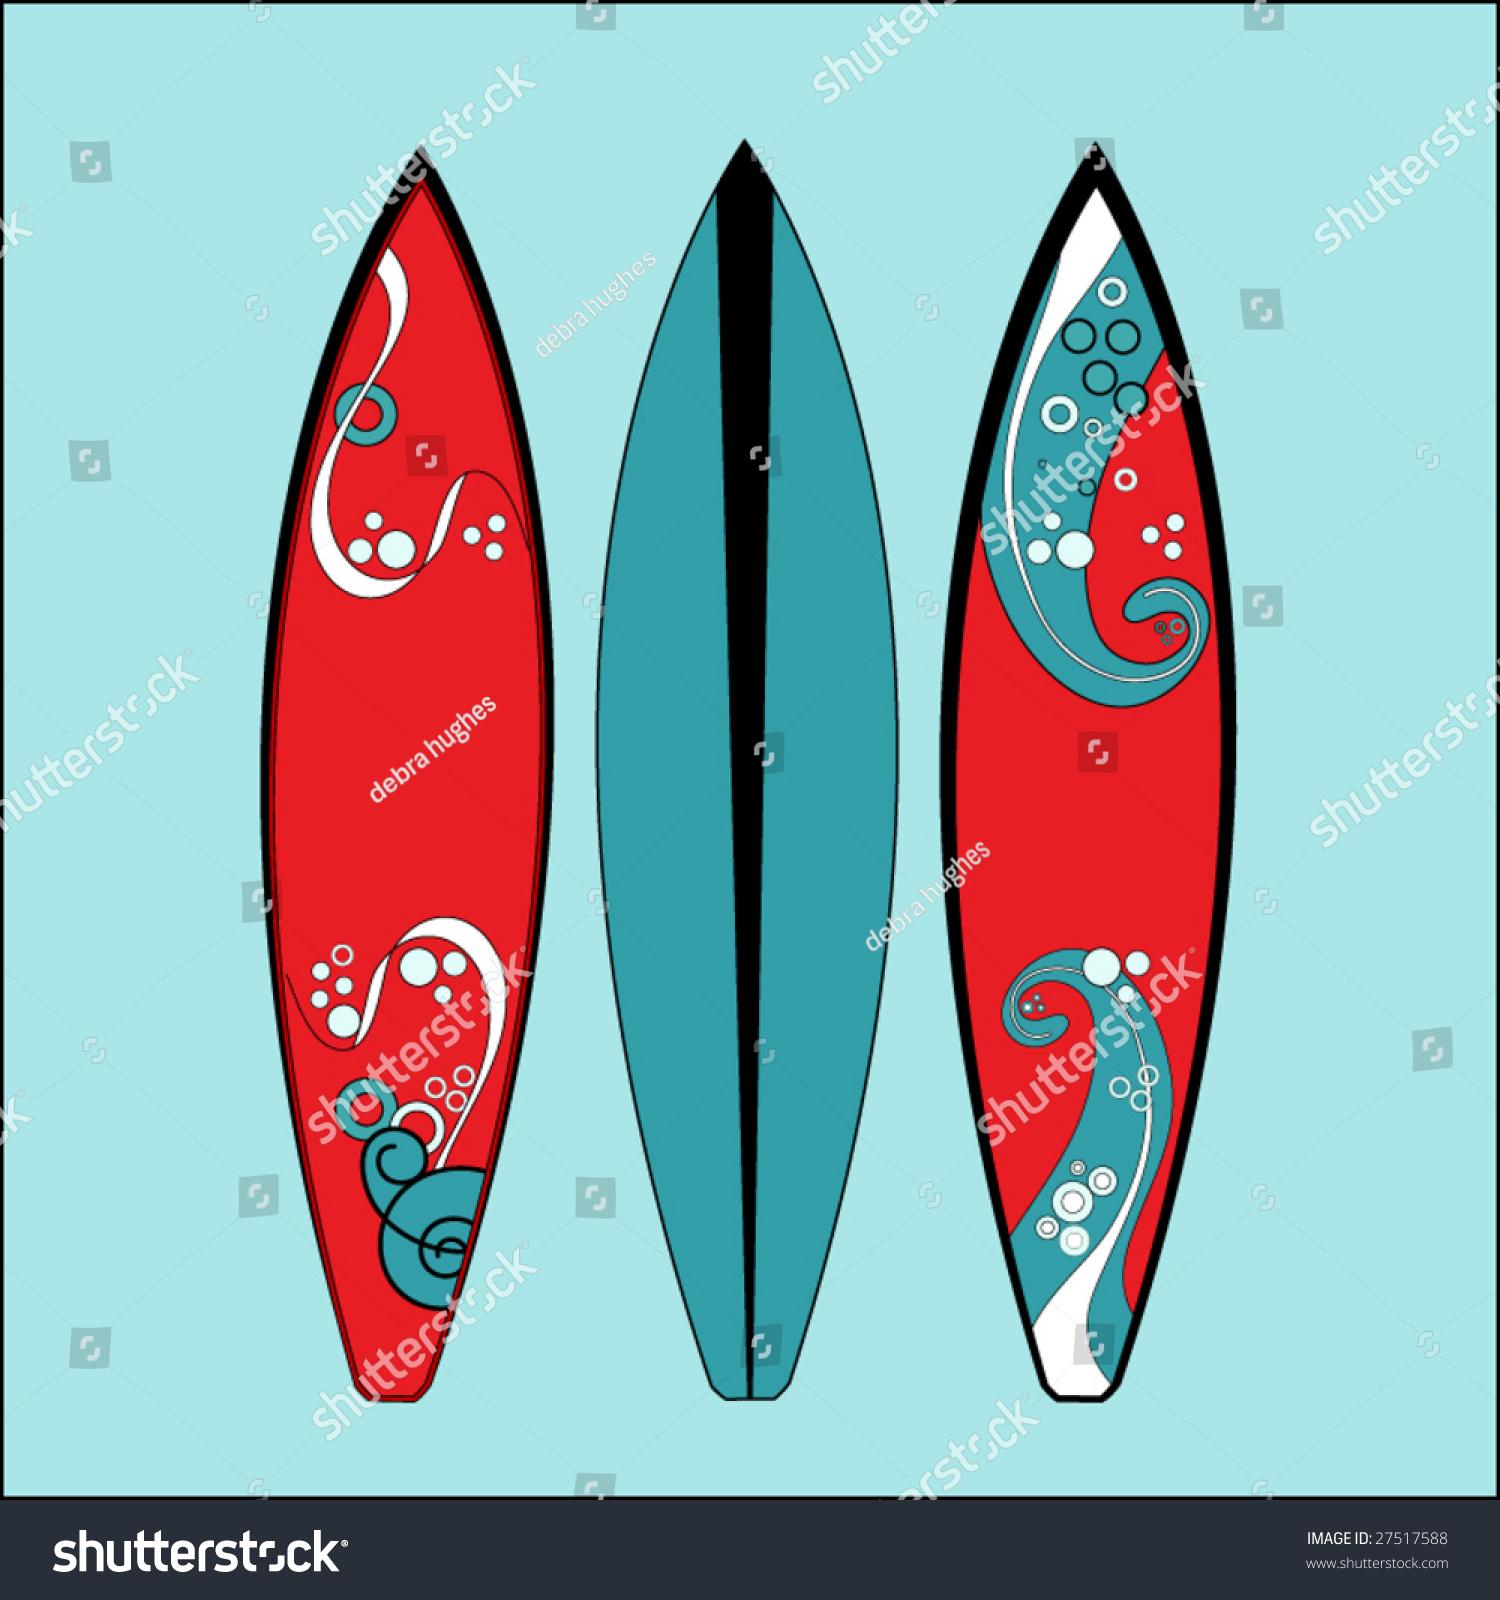 Hughes Surfboards